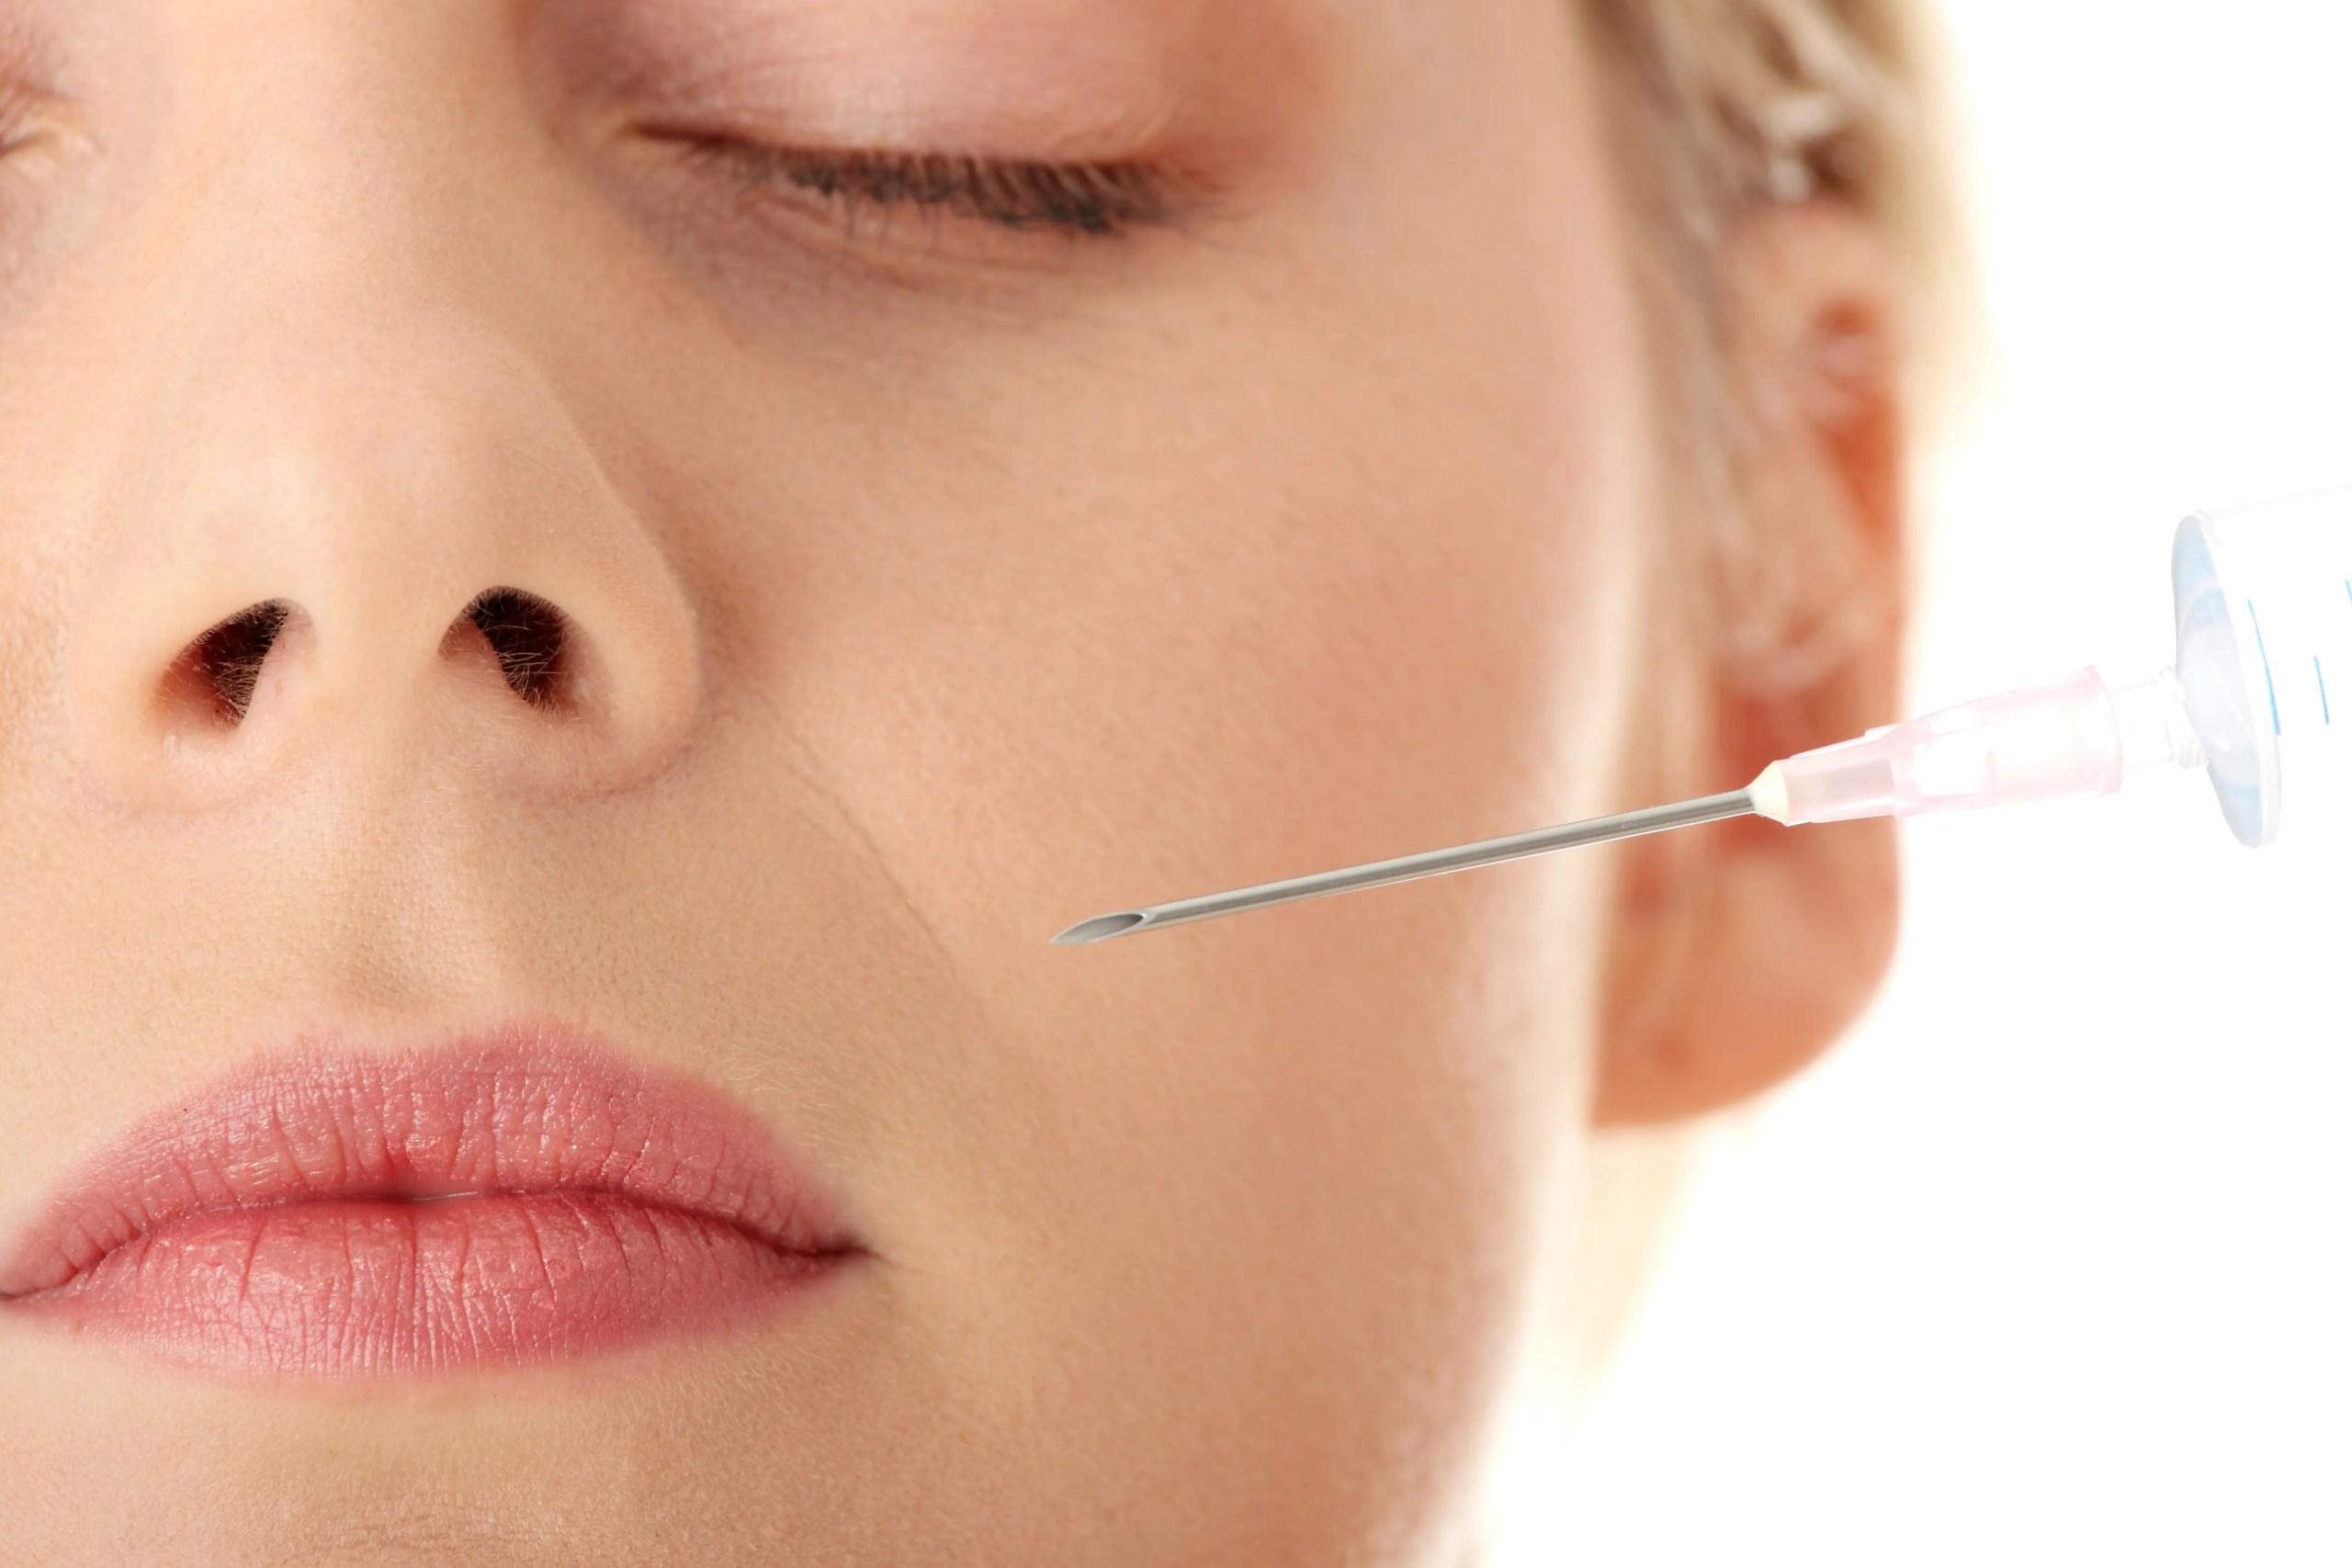 Injection acide hyaluronique, est-ce dangereux pour votre santé ?